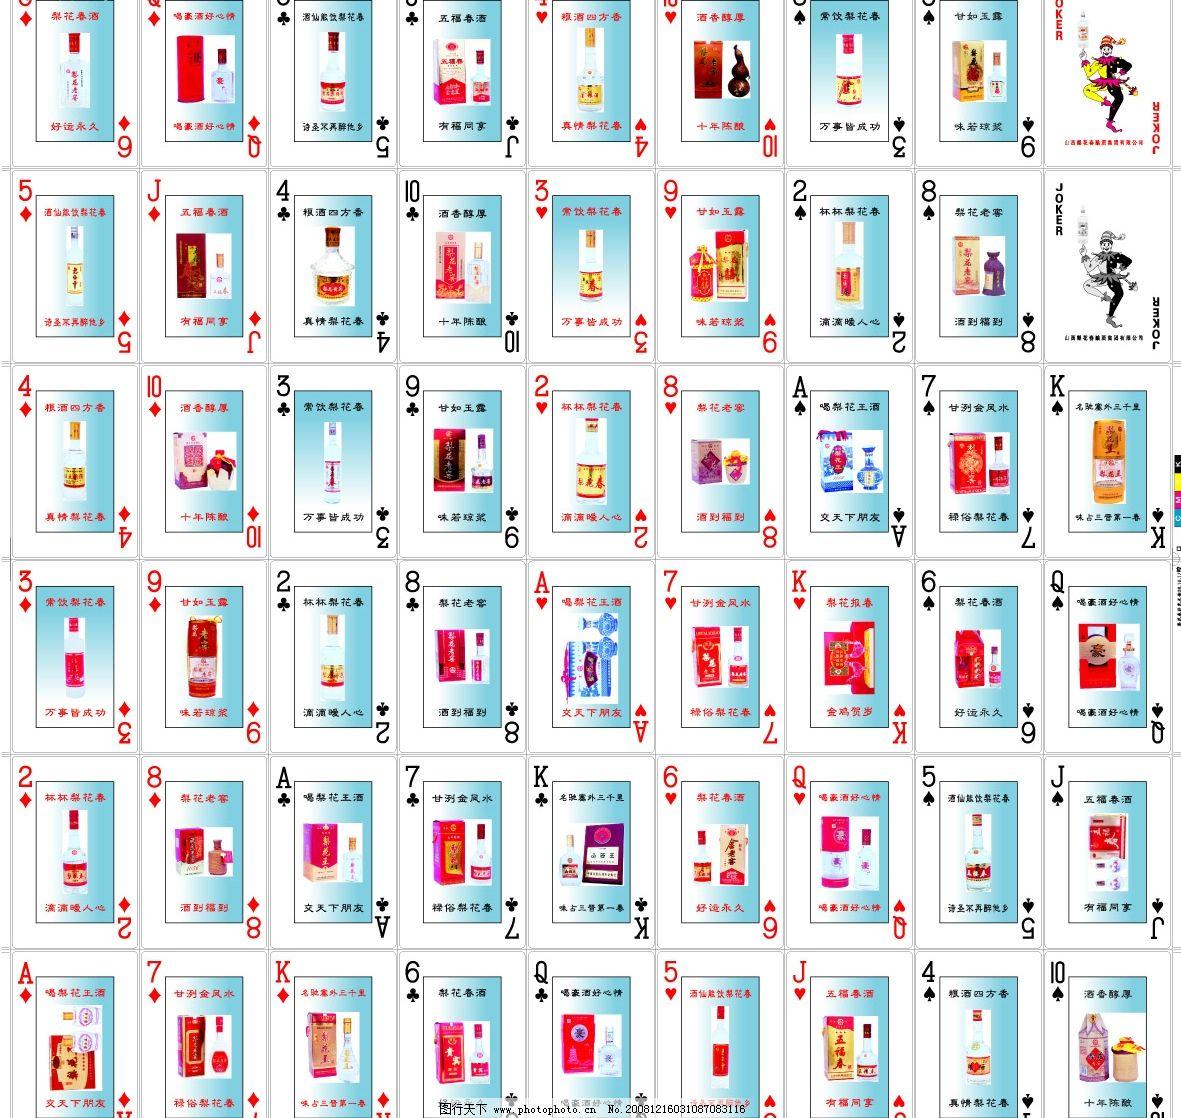 扑克牌 广告设计 其他设计 矢量图库 cdr